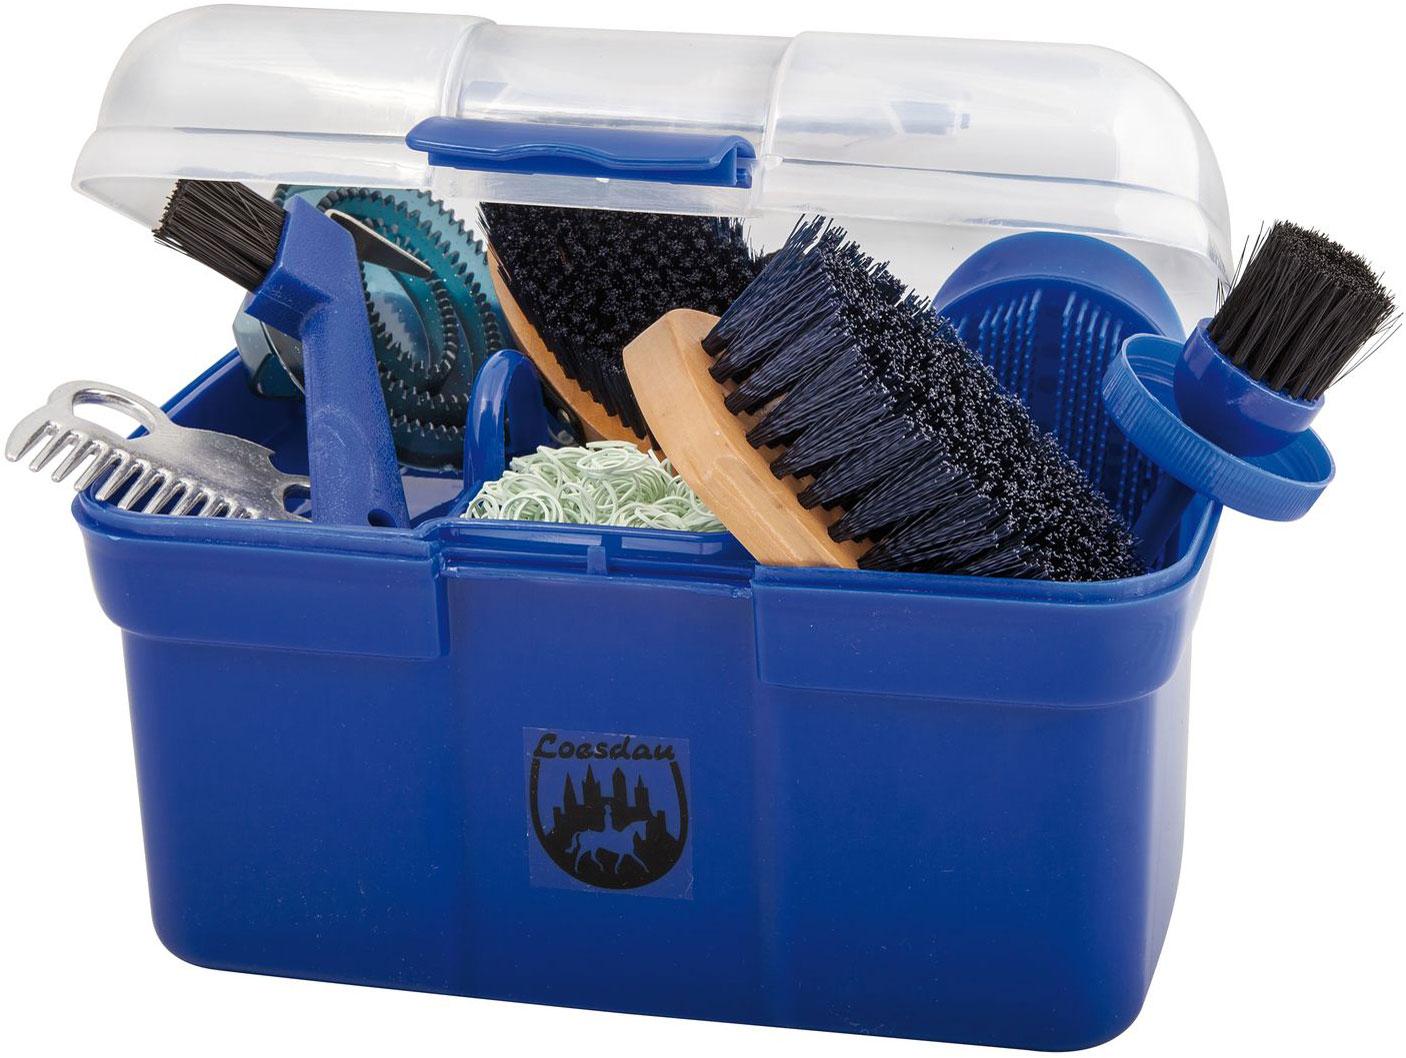 Ящик для принадлежностей. Вместо него можно купить большой пластиковый контейнер. 1000—3000 р.. Источник: new-best-horse.com